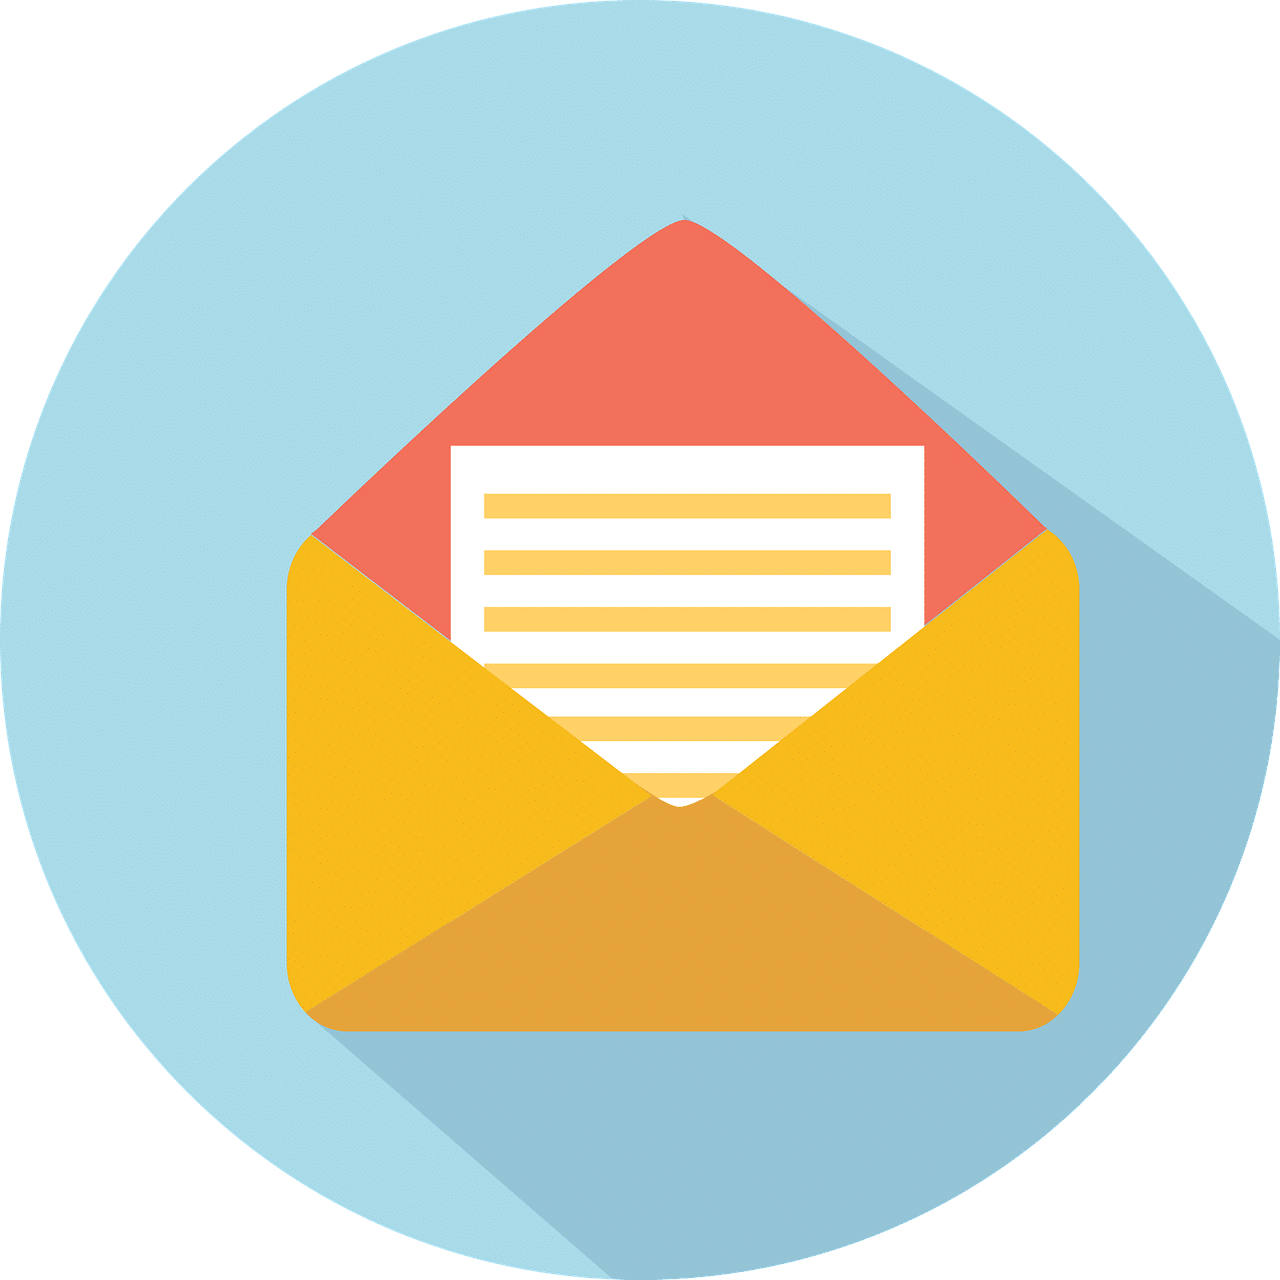 Briefumschlag Kontakt Icon